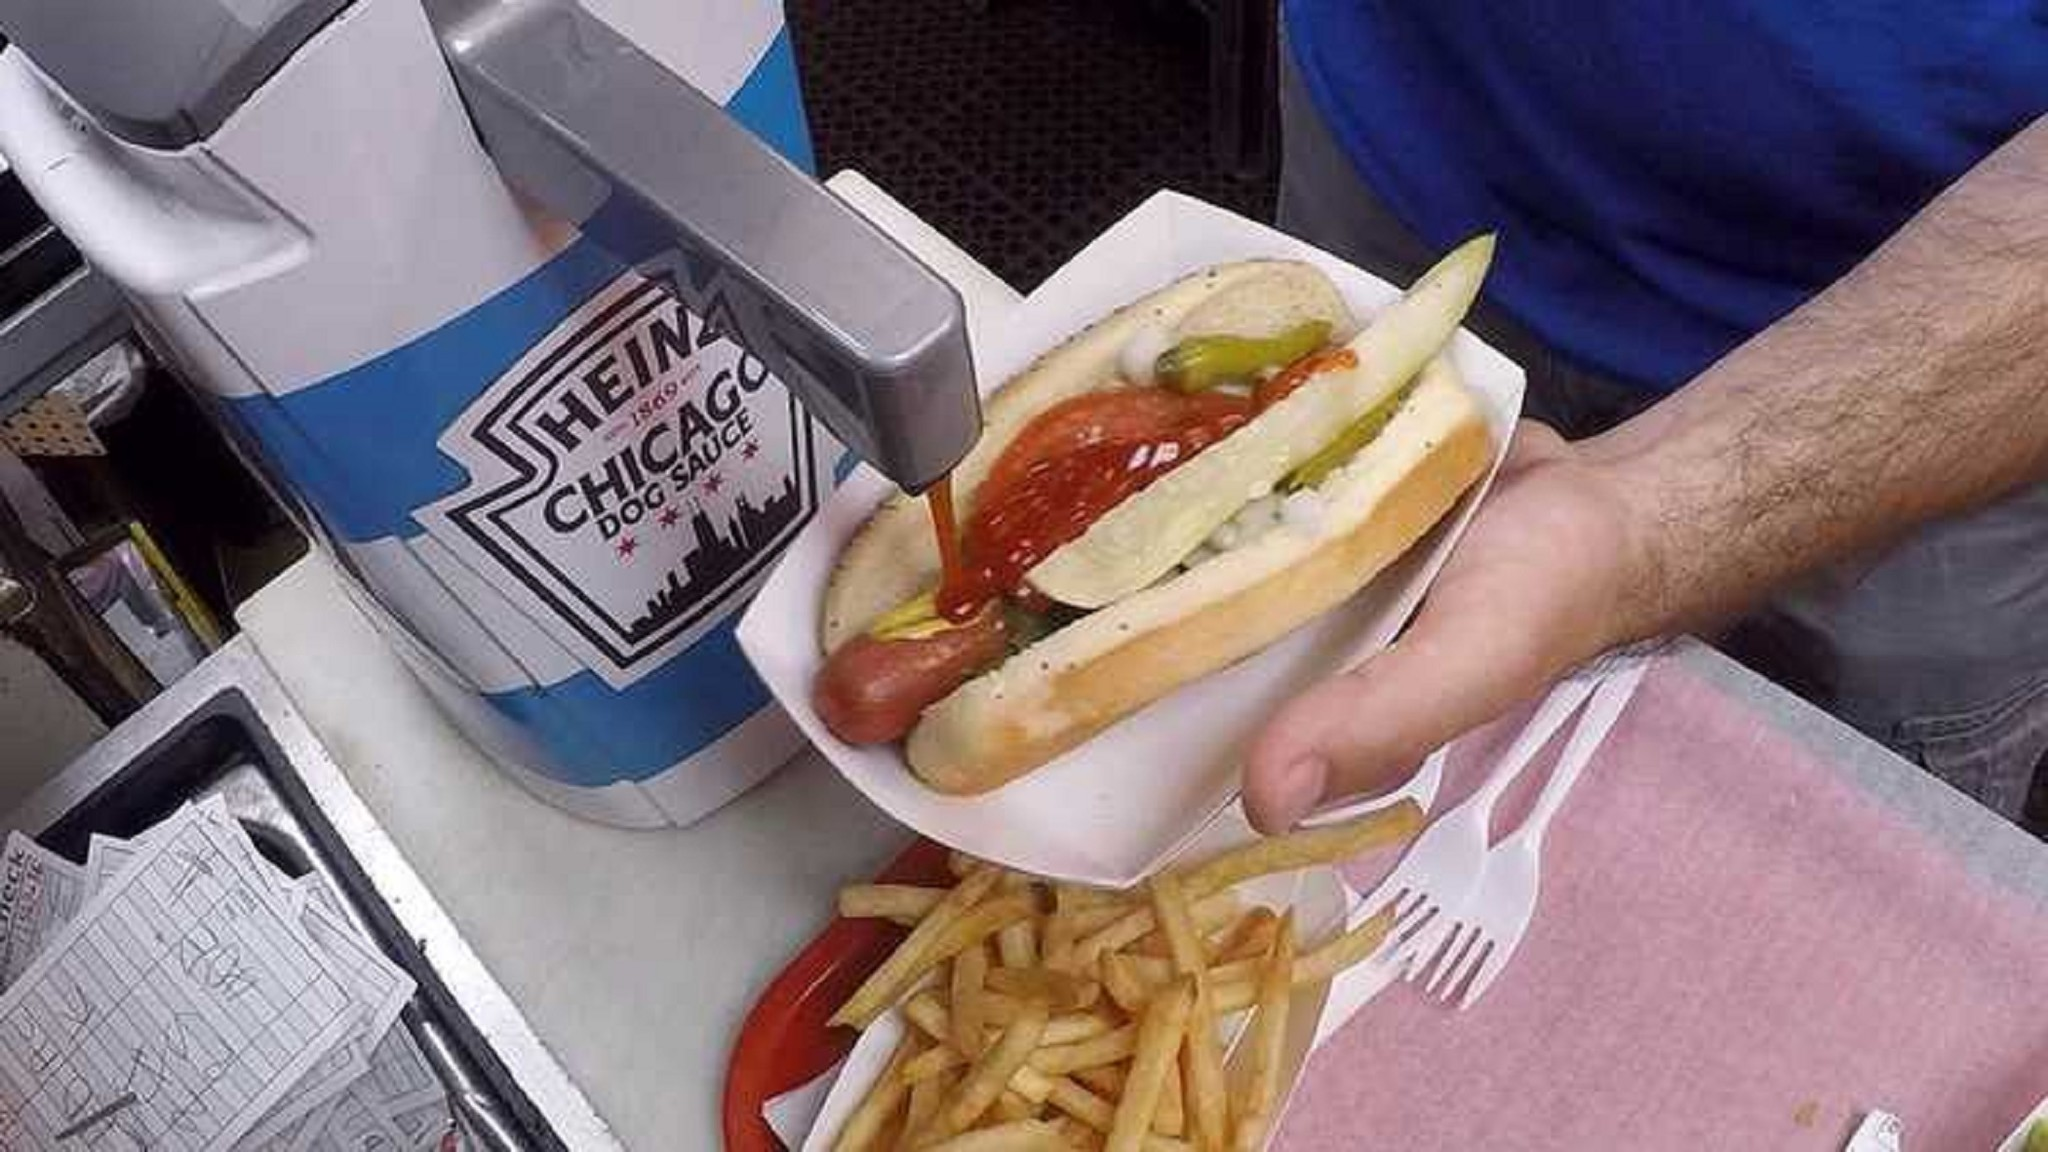 Do You Put Hot Sauce On Hot Dog